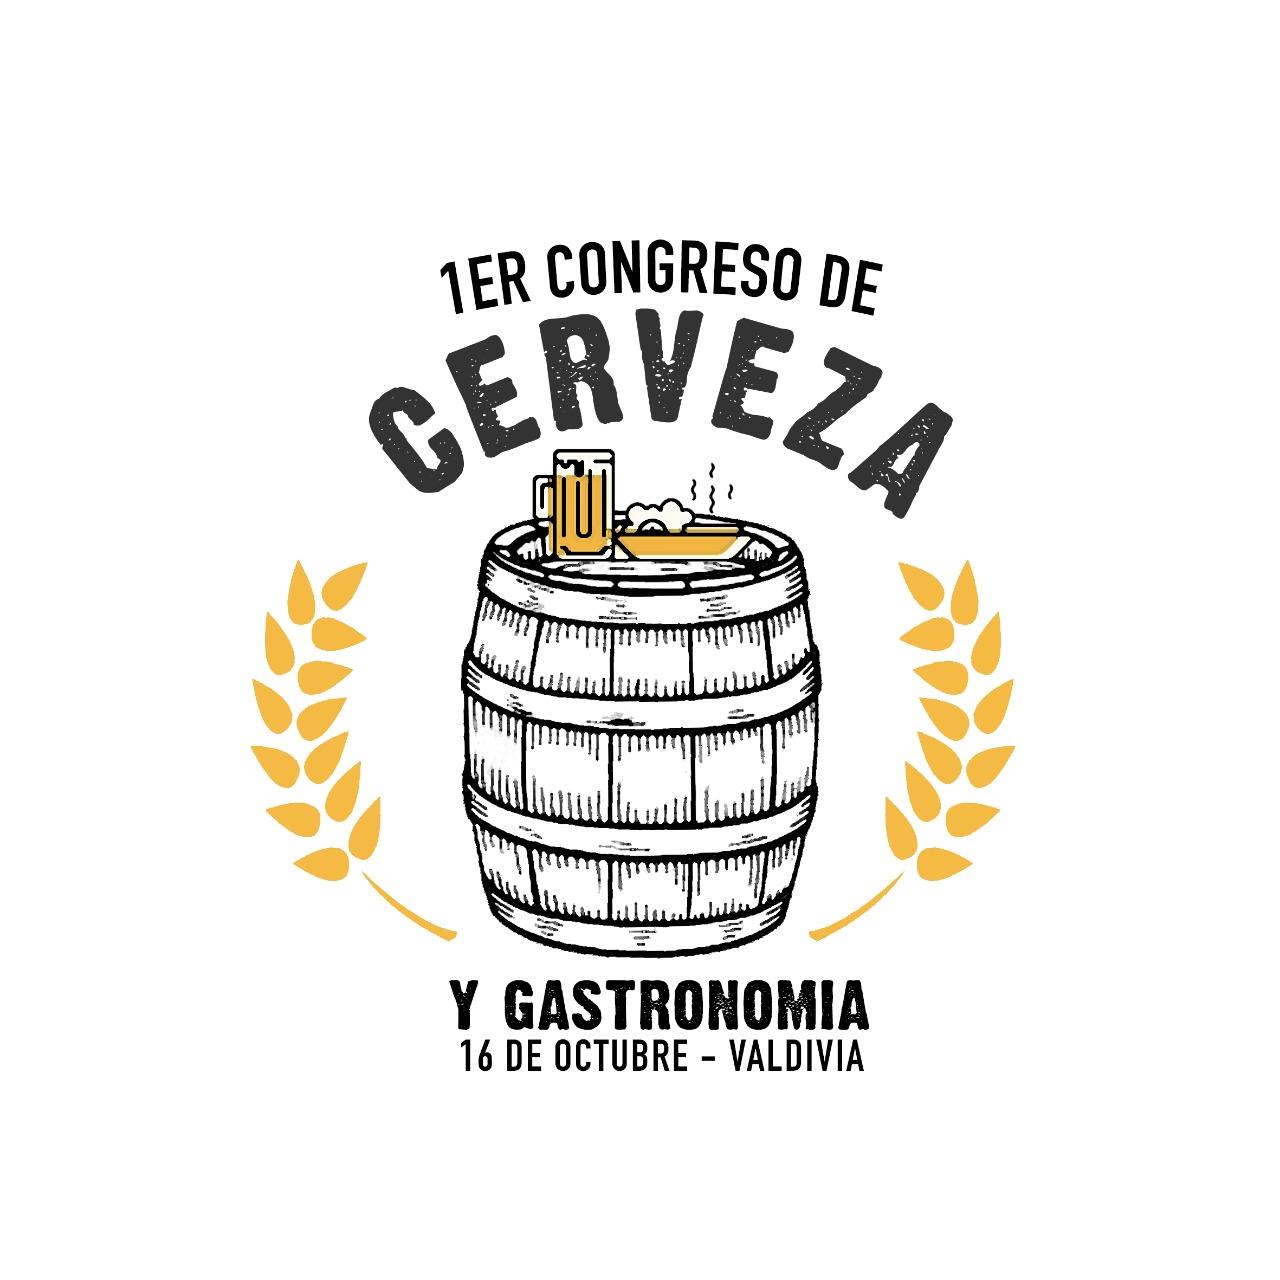 congreso de cerveza y gastronomía